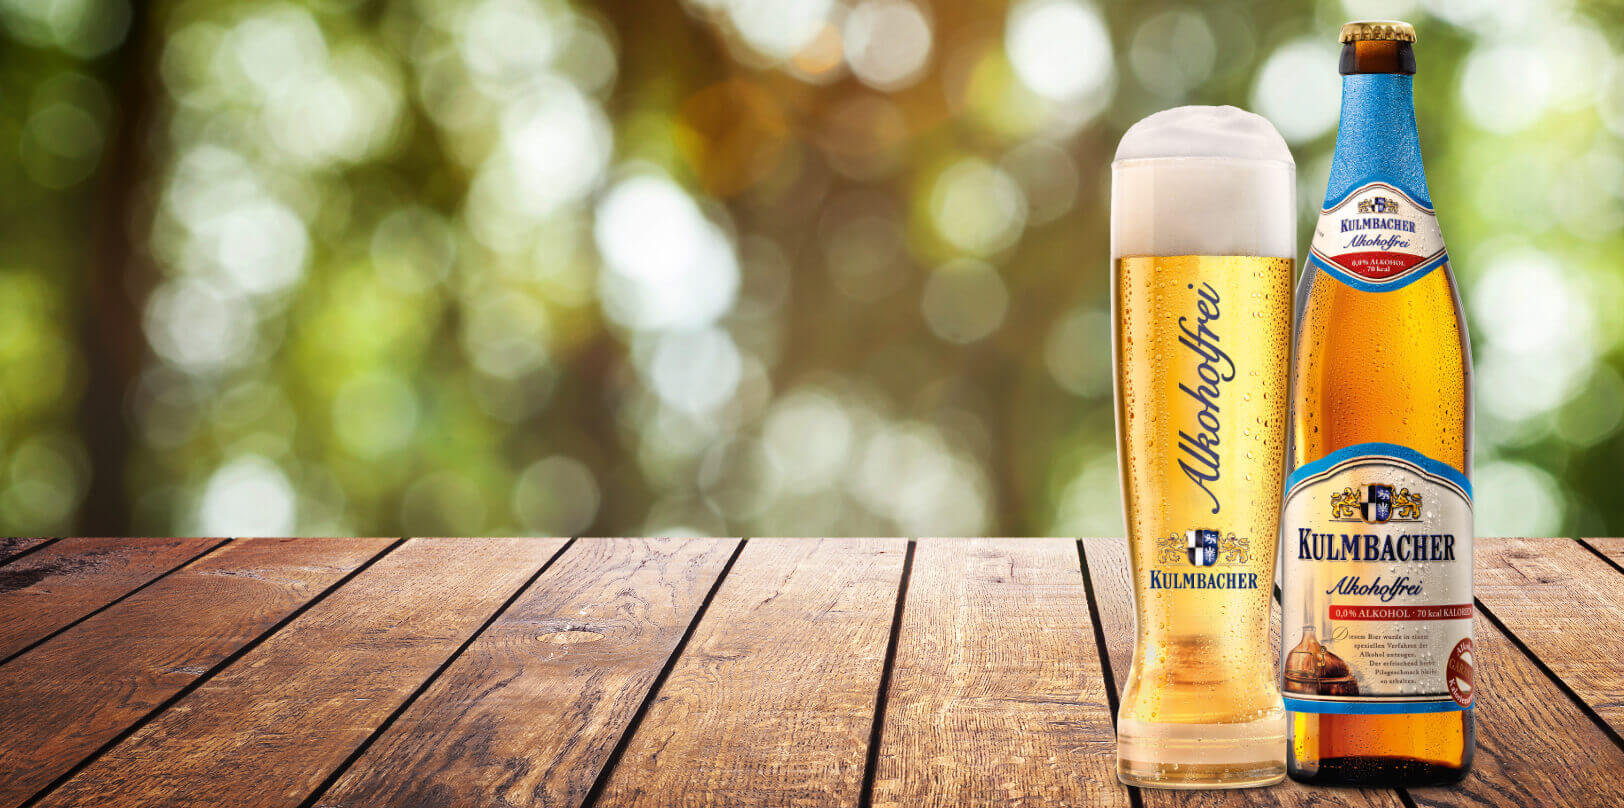 Kulmbacher Alkoholfrei - Passt immer!